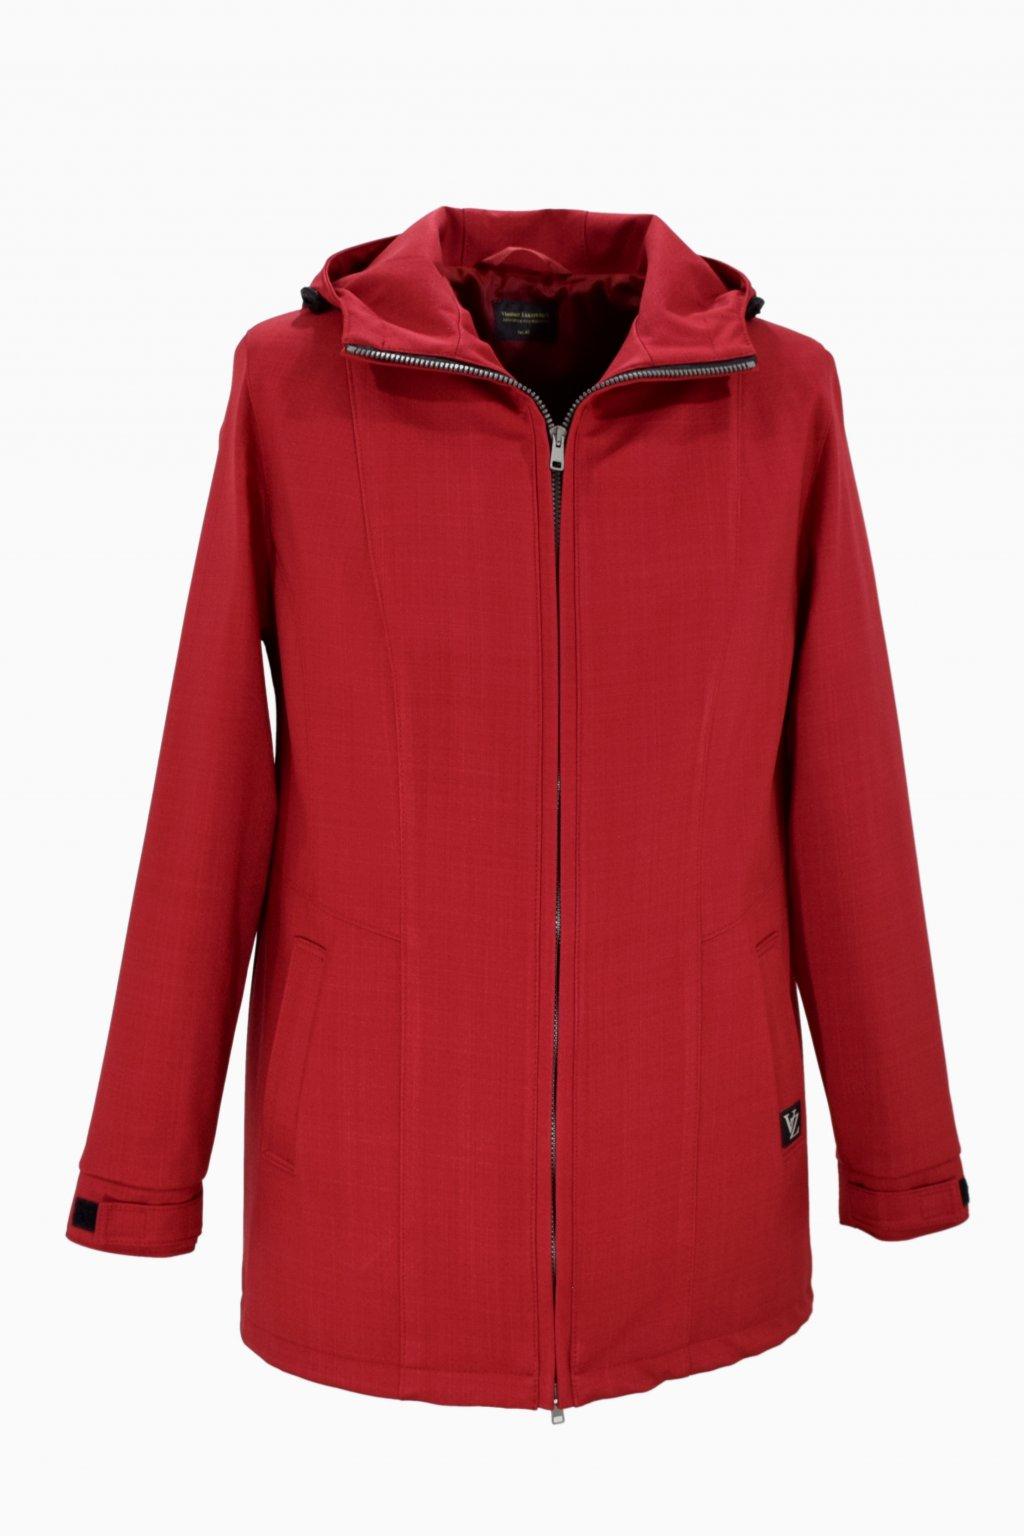 Dámská červená jarní outdoorová bunda Elza nadměrné velikosti